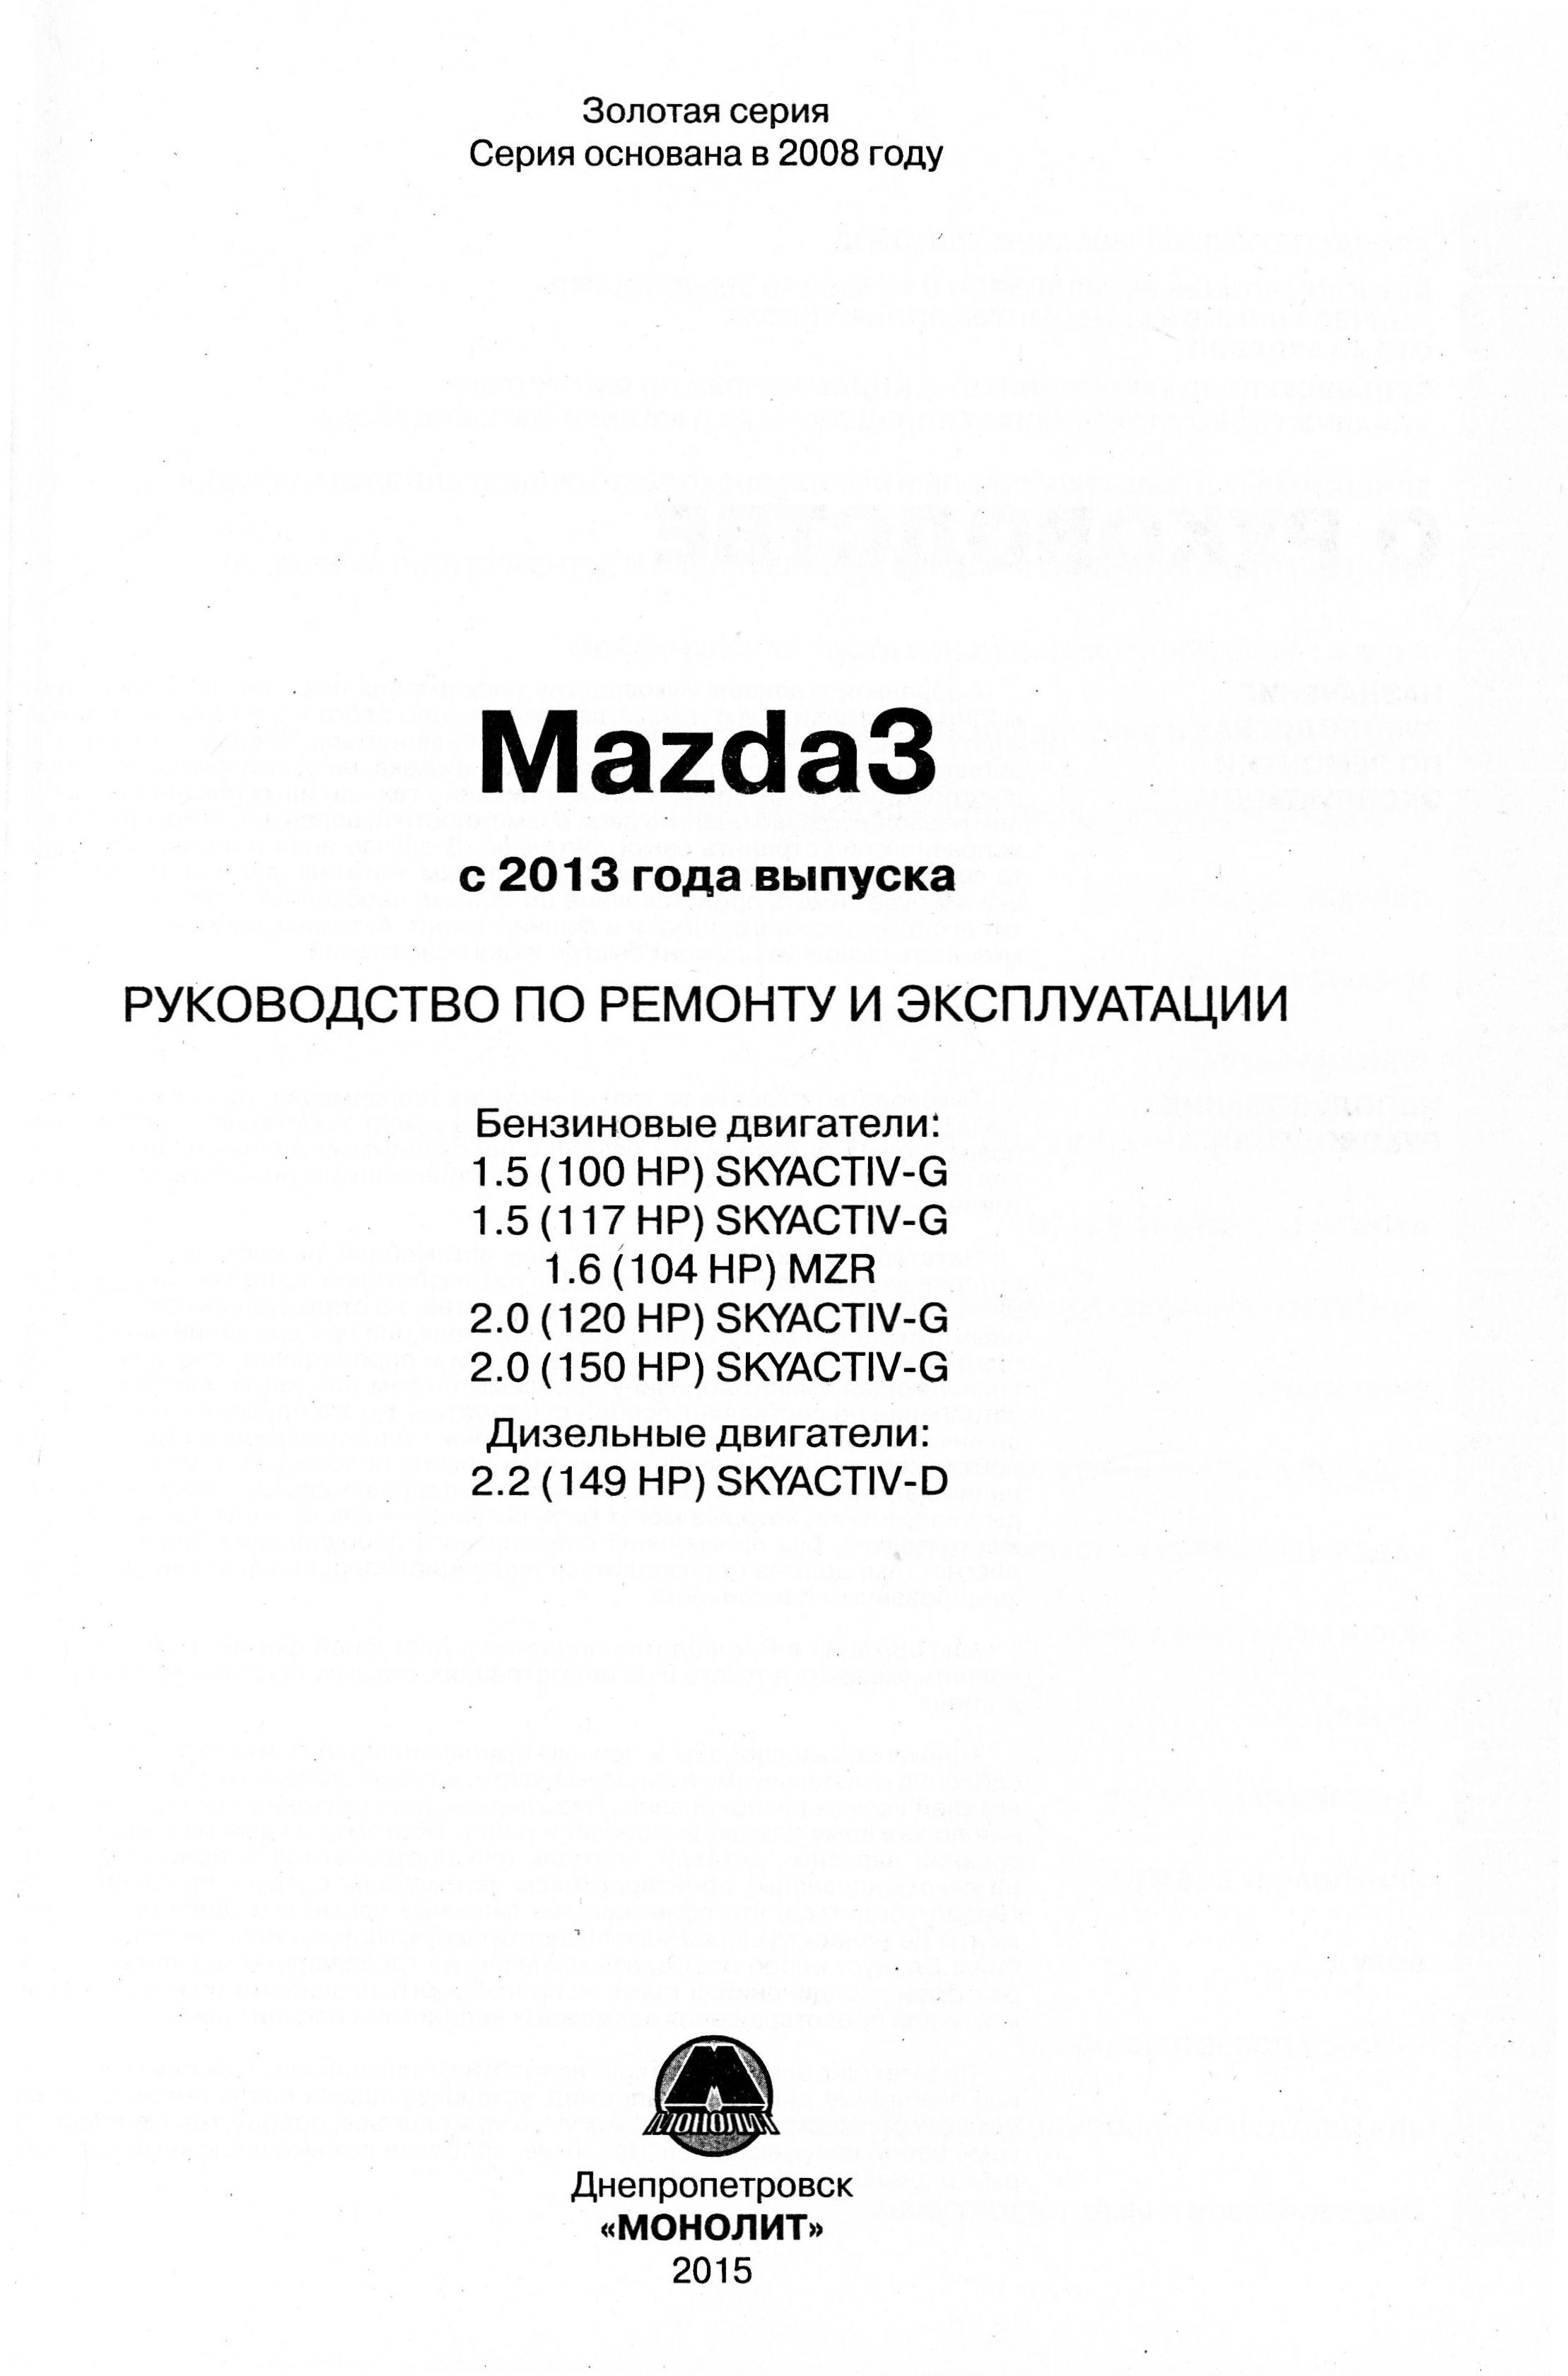 инструкция mazda 3 2008